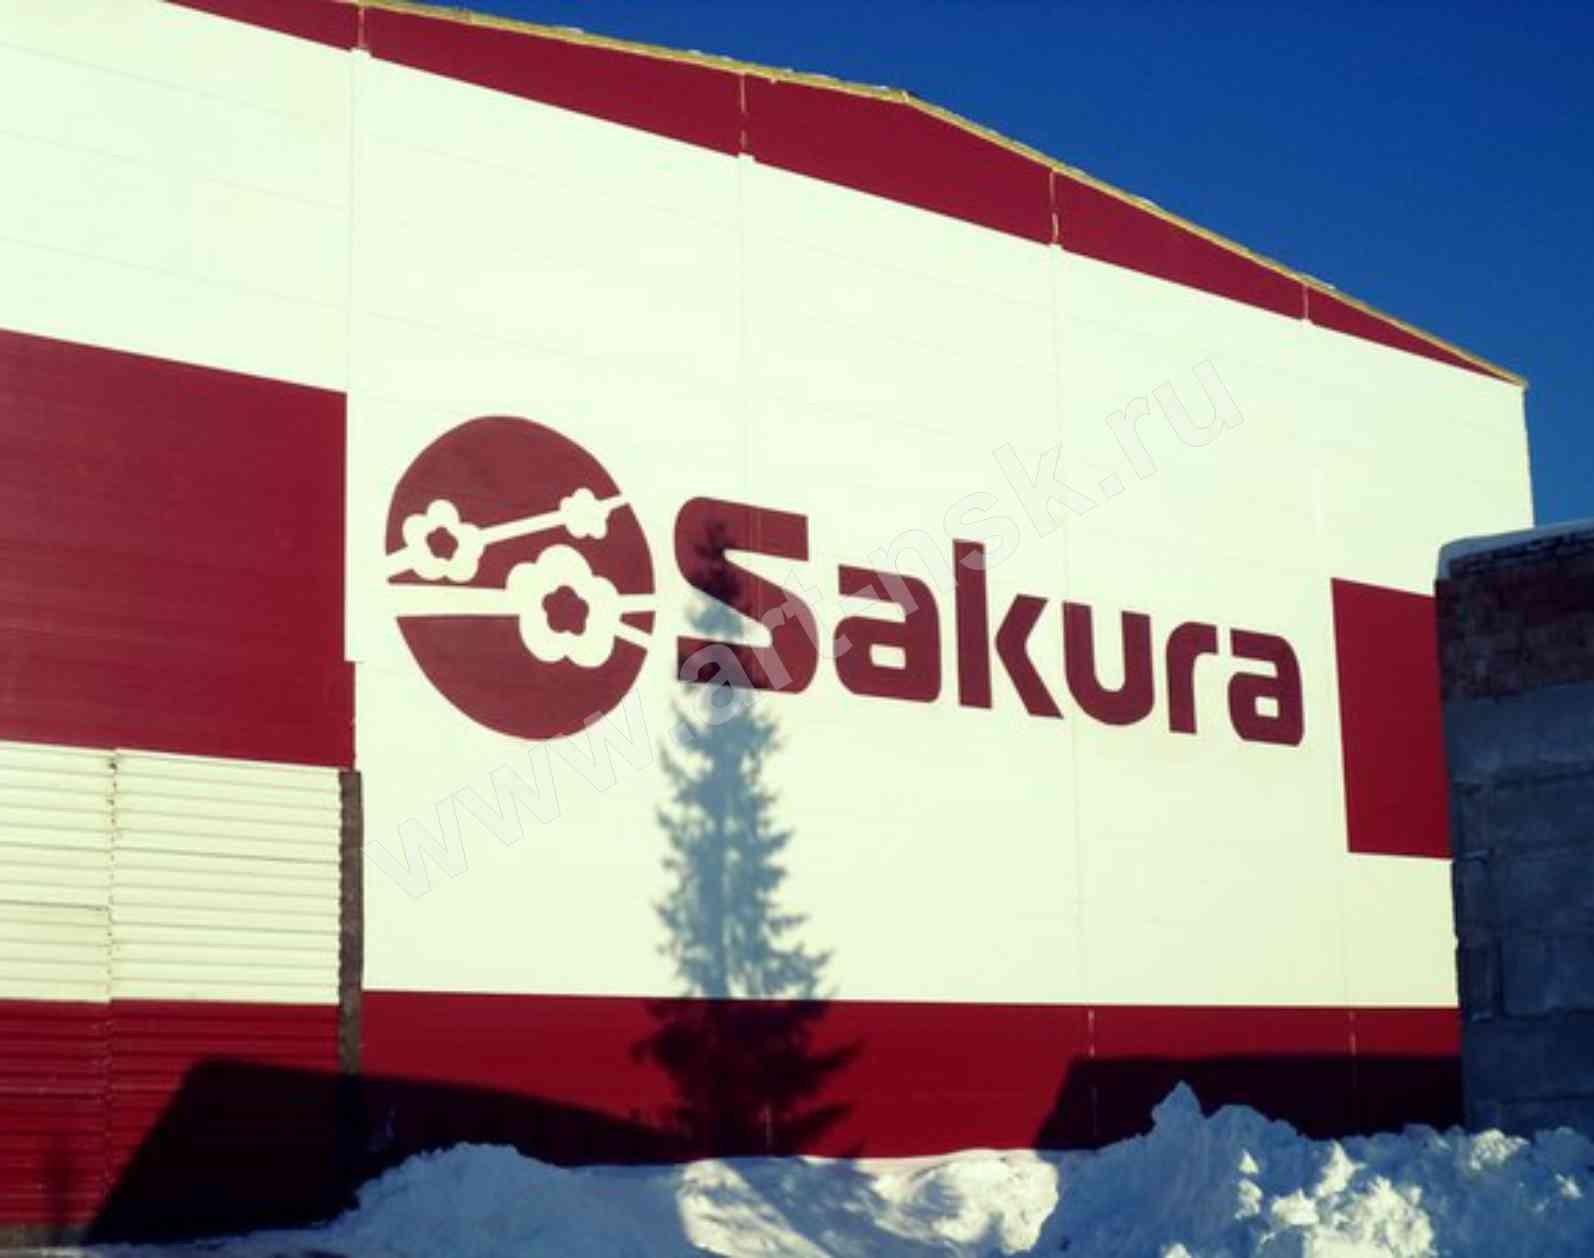 Нанесения логотипа на фасад здания